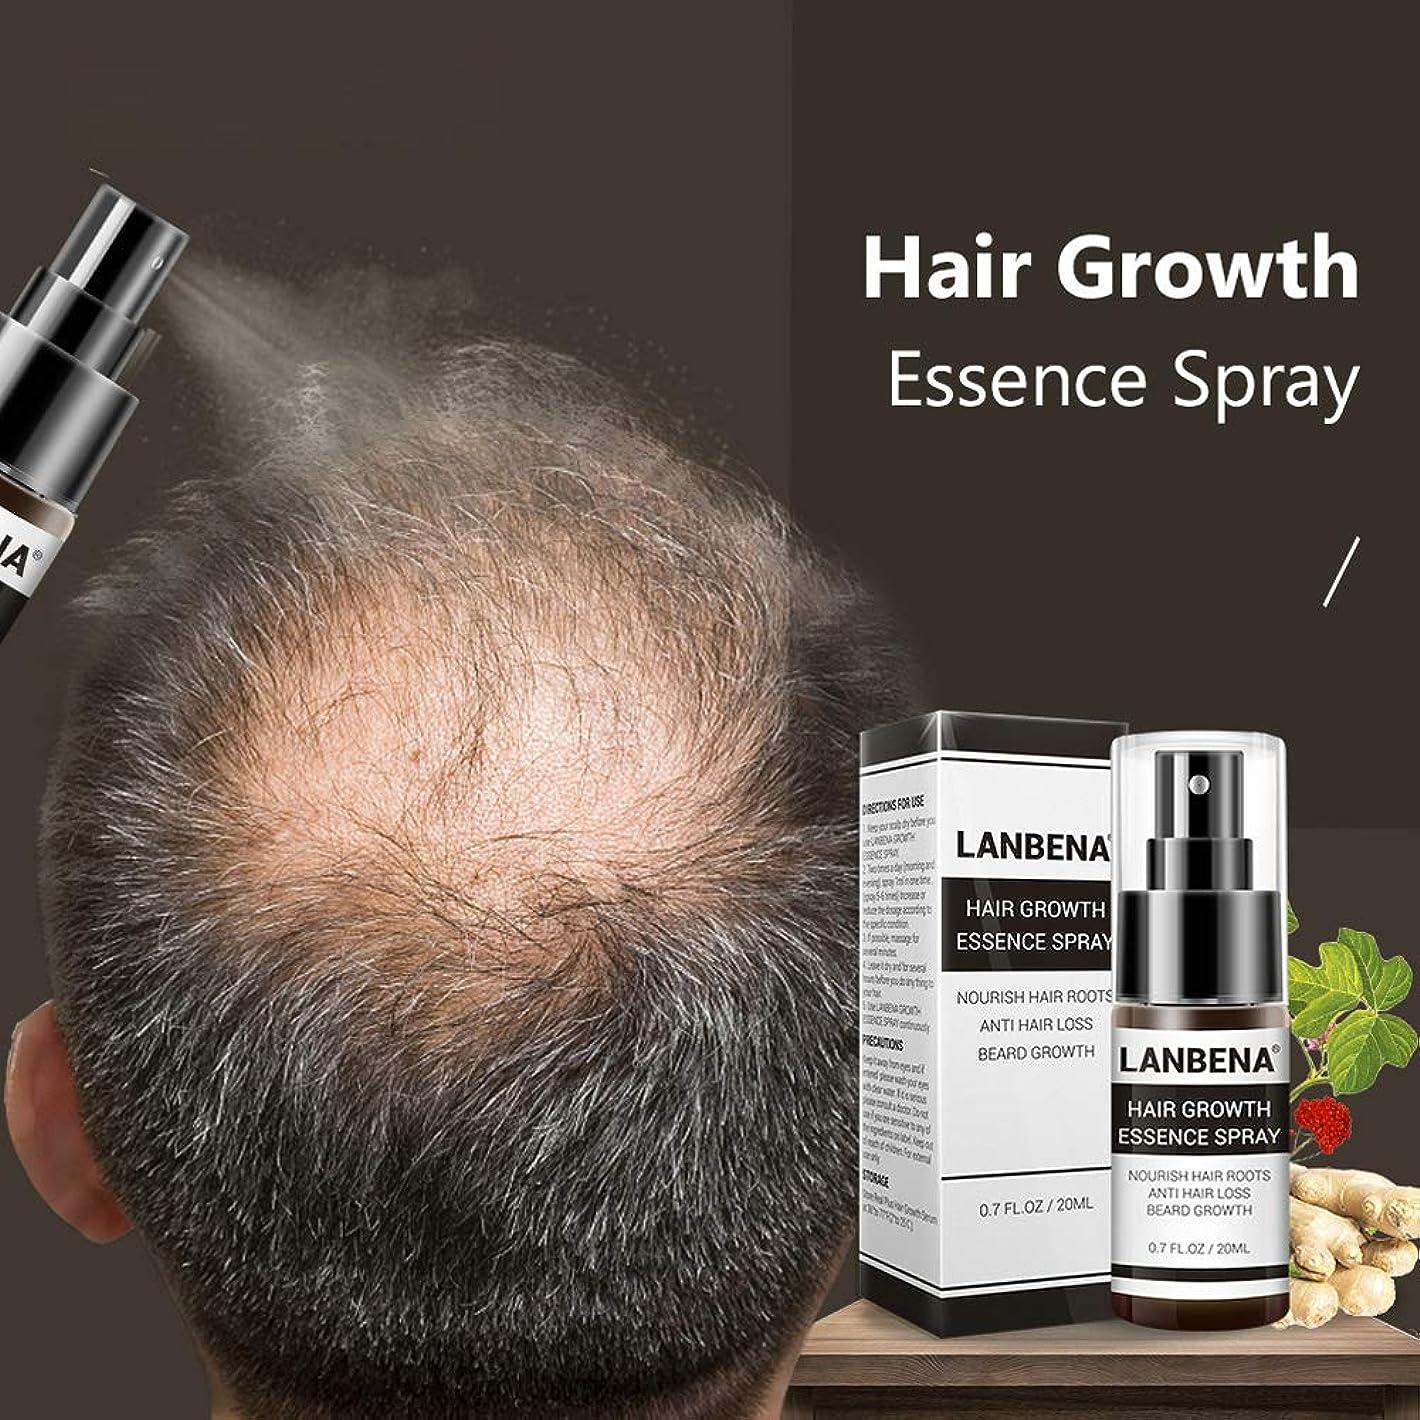 定常イデオロギー以前は(最高の品質と価格)4×20ミリリットル高速強力な髪の成長エッセンス製品エッセンシャルオイル液体トリートメント防止脱毛ヘアケア ((Best Quality & Price) 4 X 20ml Fast Powerful Hair Growth Essence Products Essential Oil Liquid Treatment Preventing Hair Loss Hair Care)